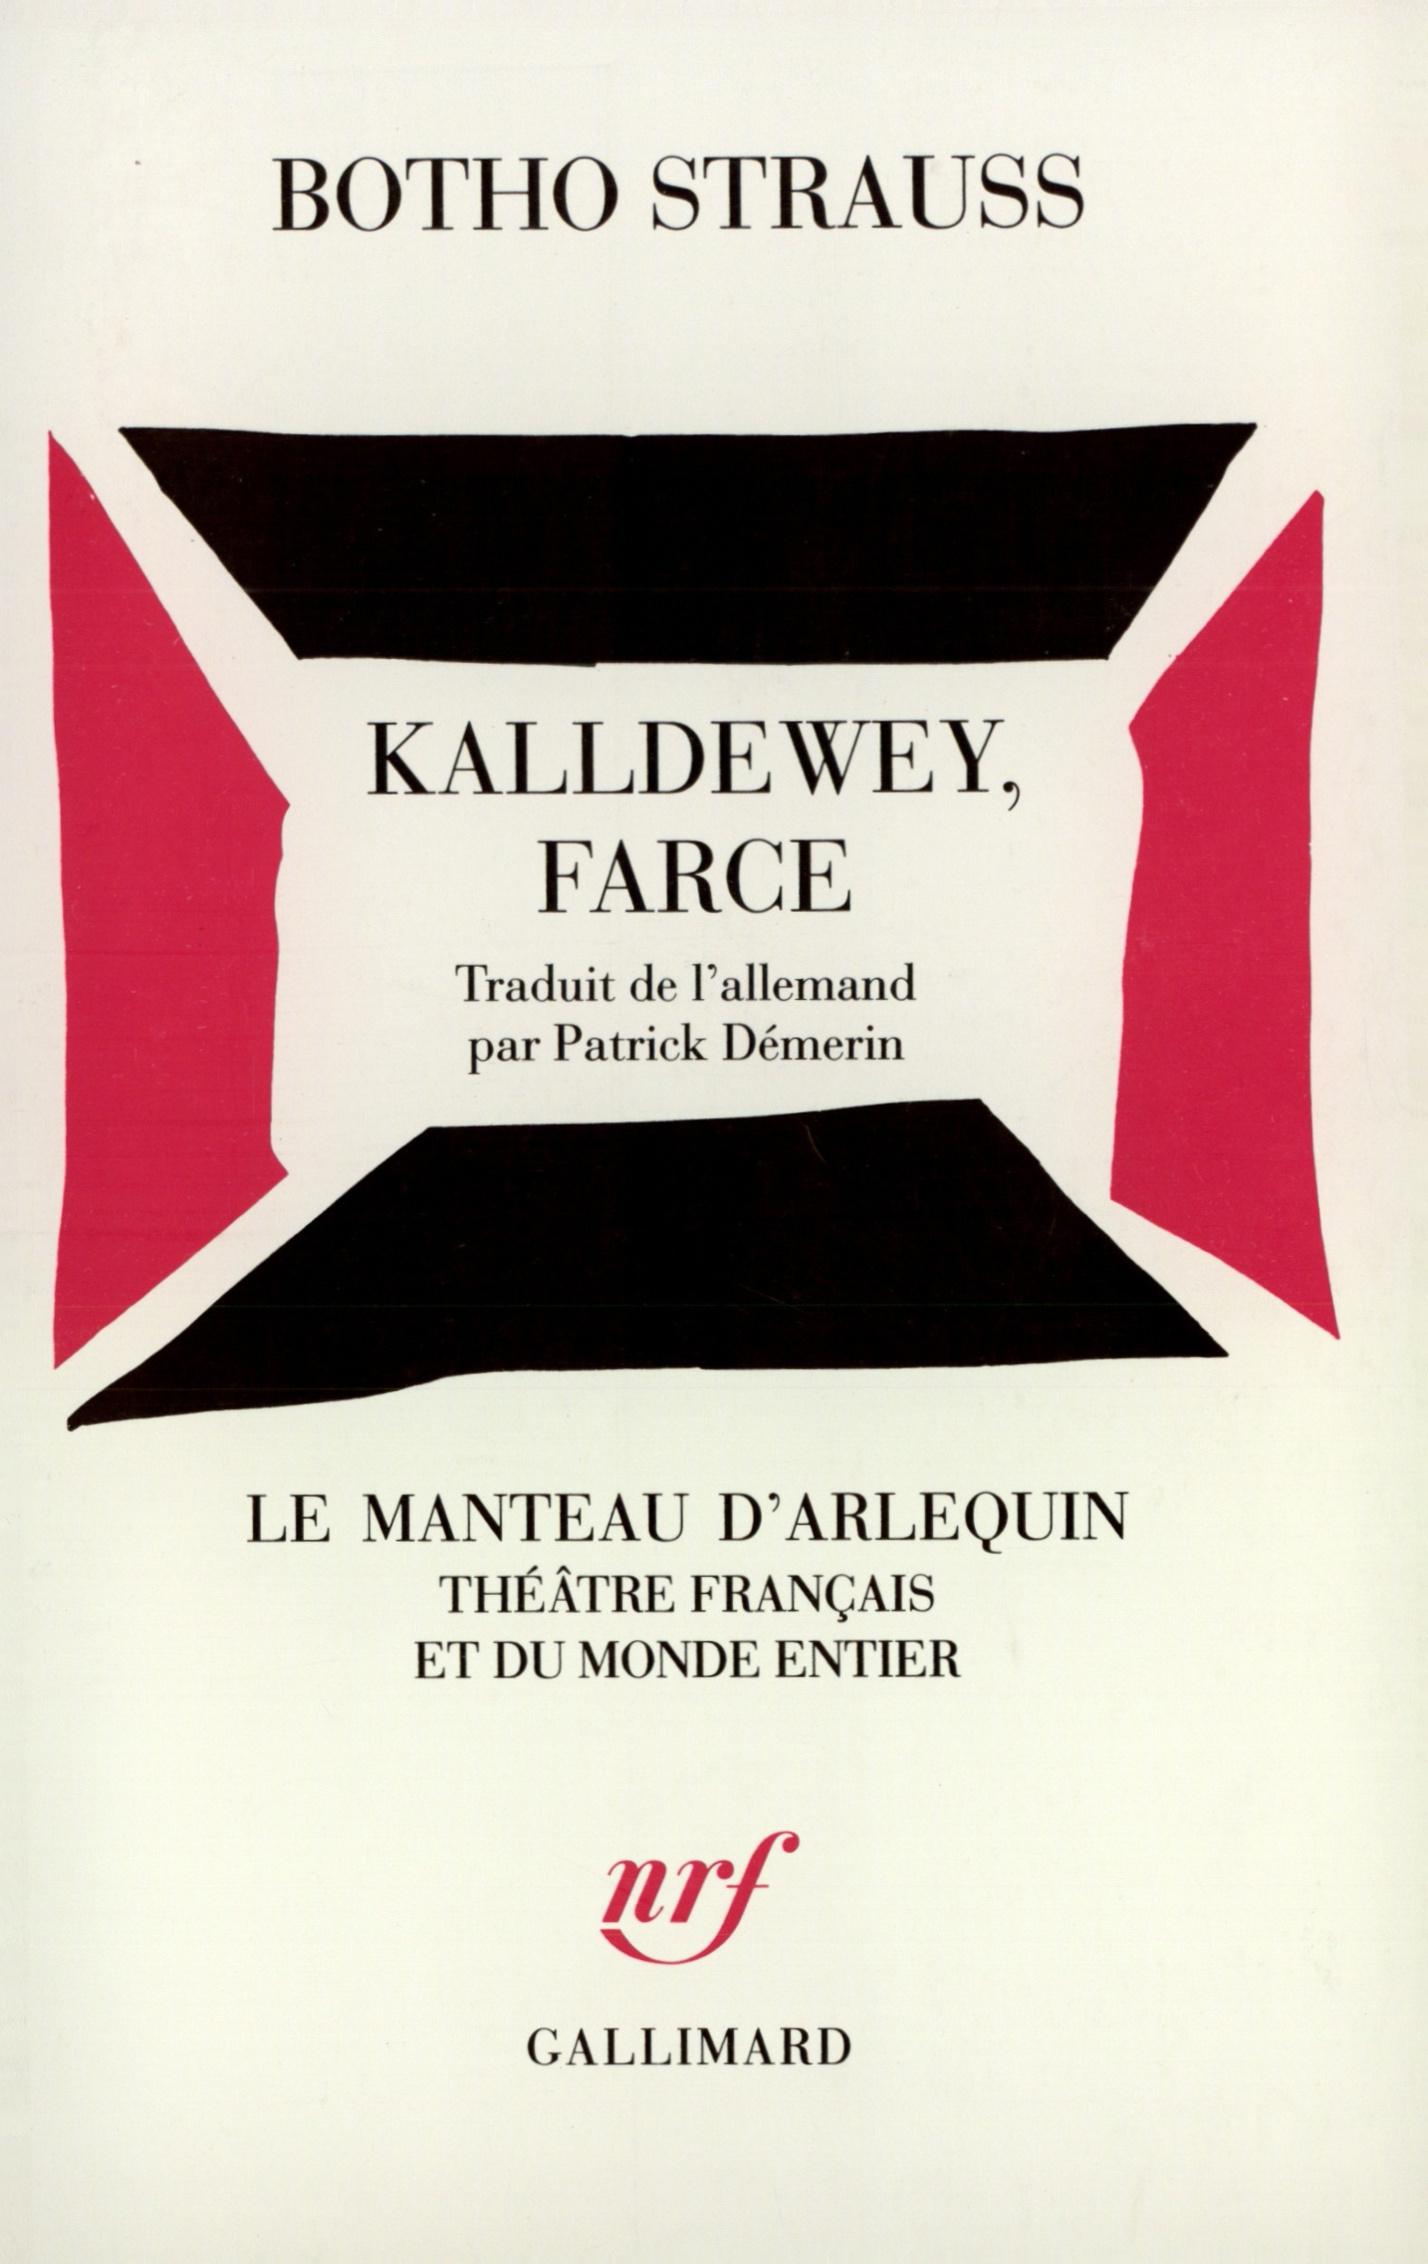 KALLDEWEY, FARCE